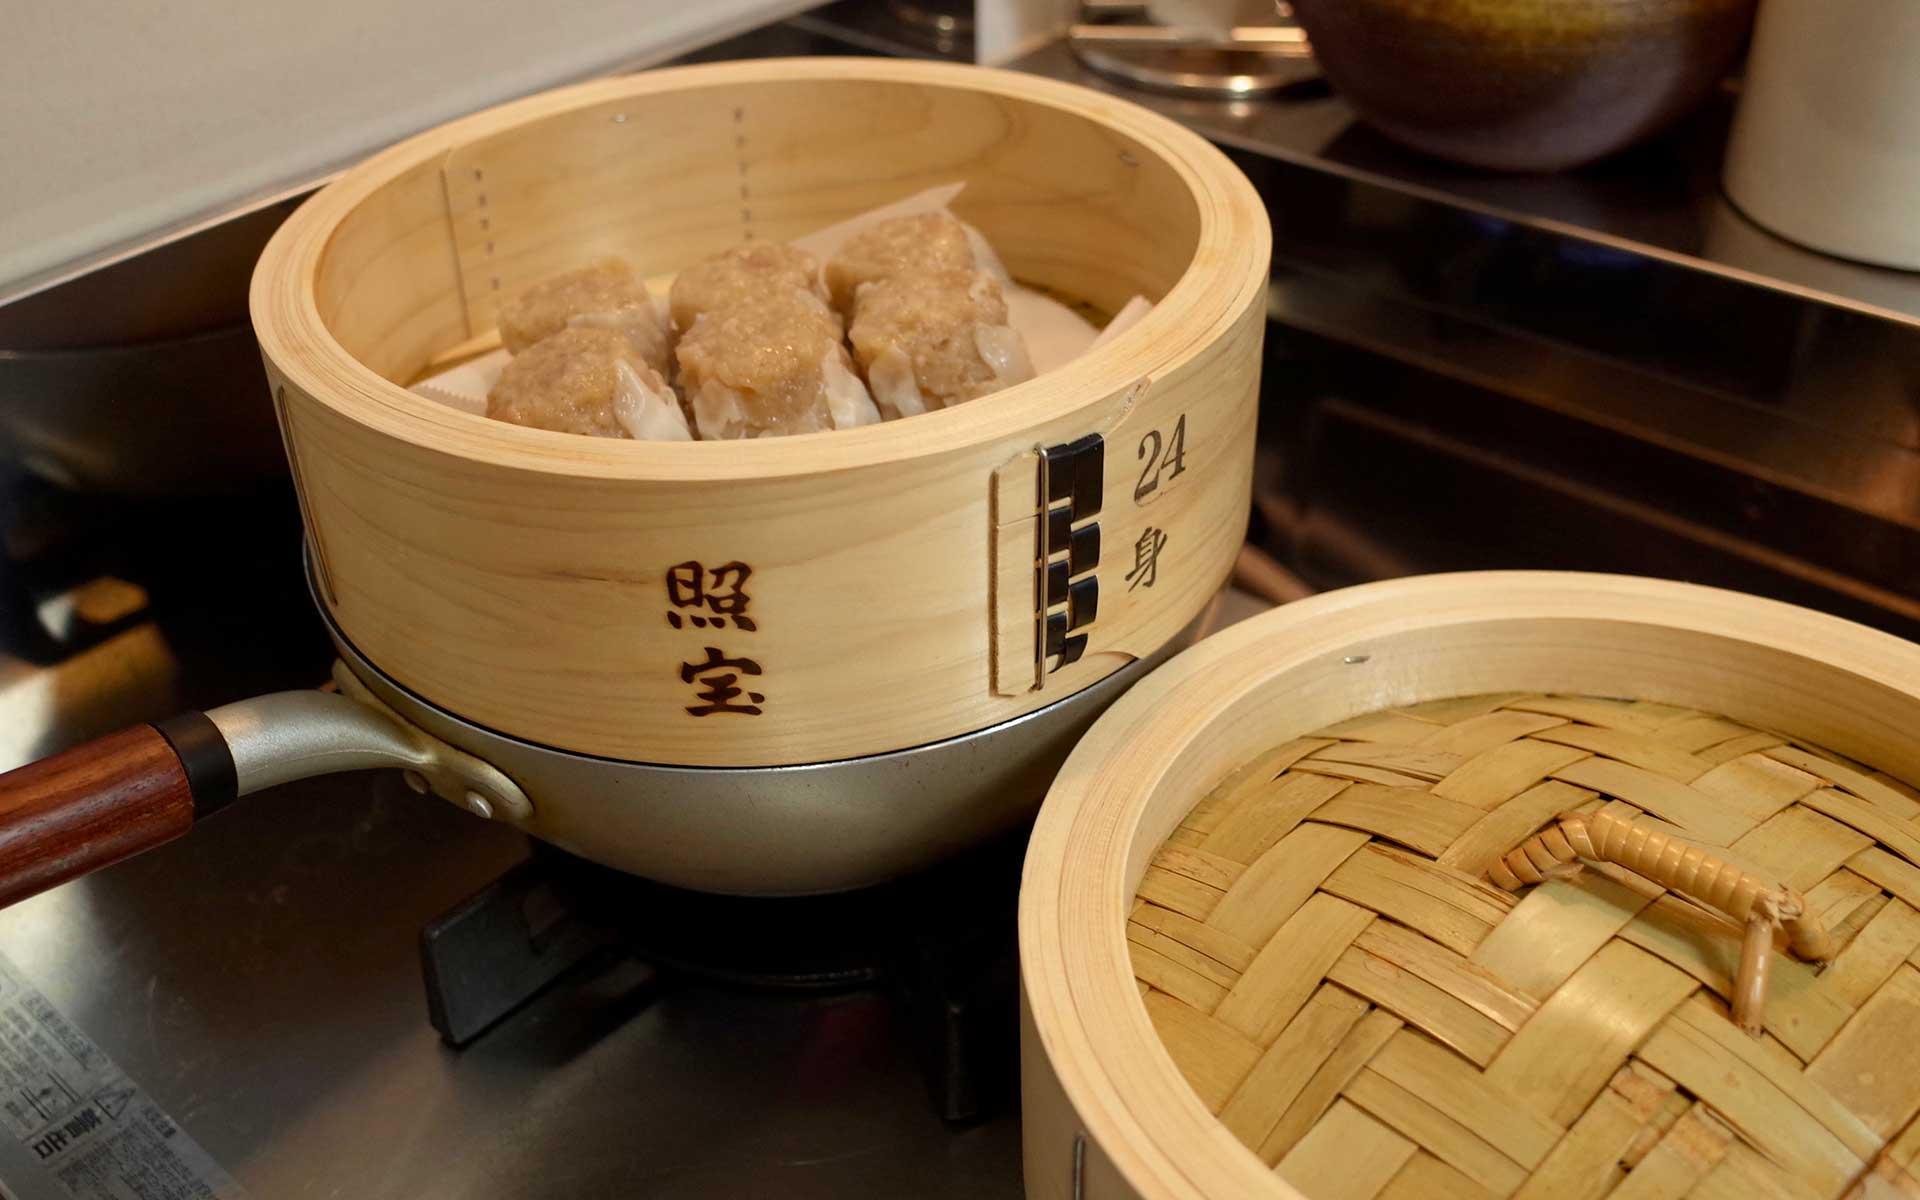 中華せいろキホンの使い方は「放置する」だけ。一人暮らしや料理初心者にこそおすすめの簡単料理法